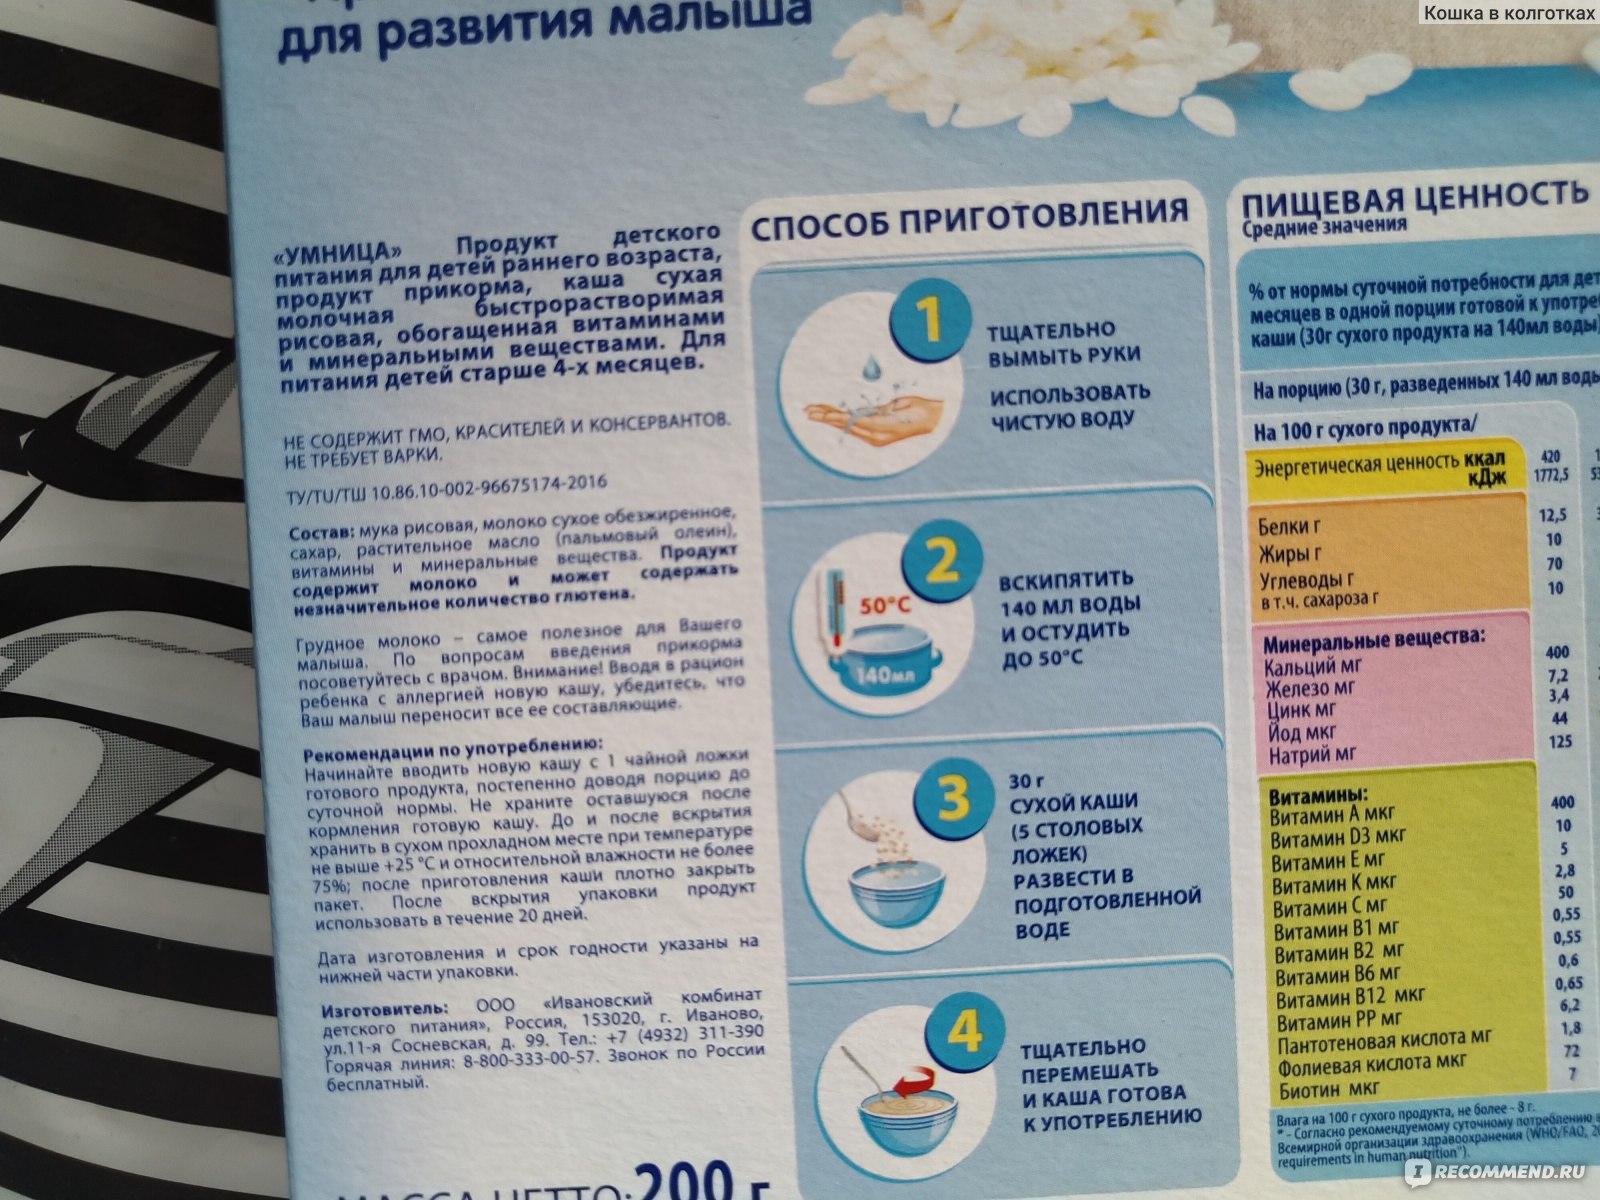 Введение твердой пищи по рекомендациям воз - прикорм